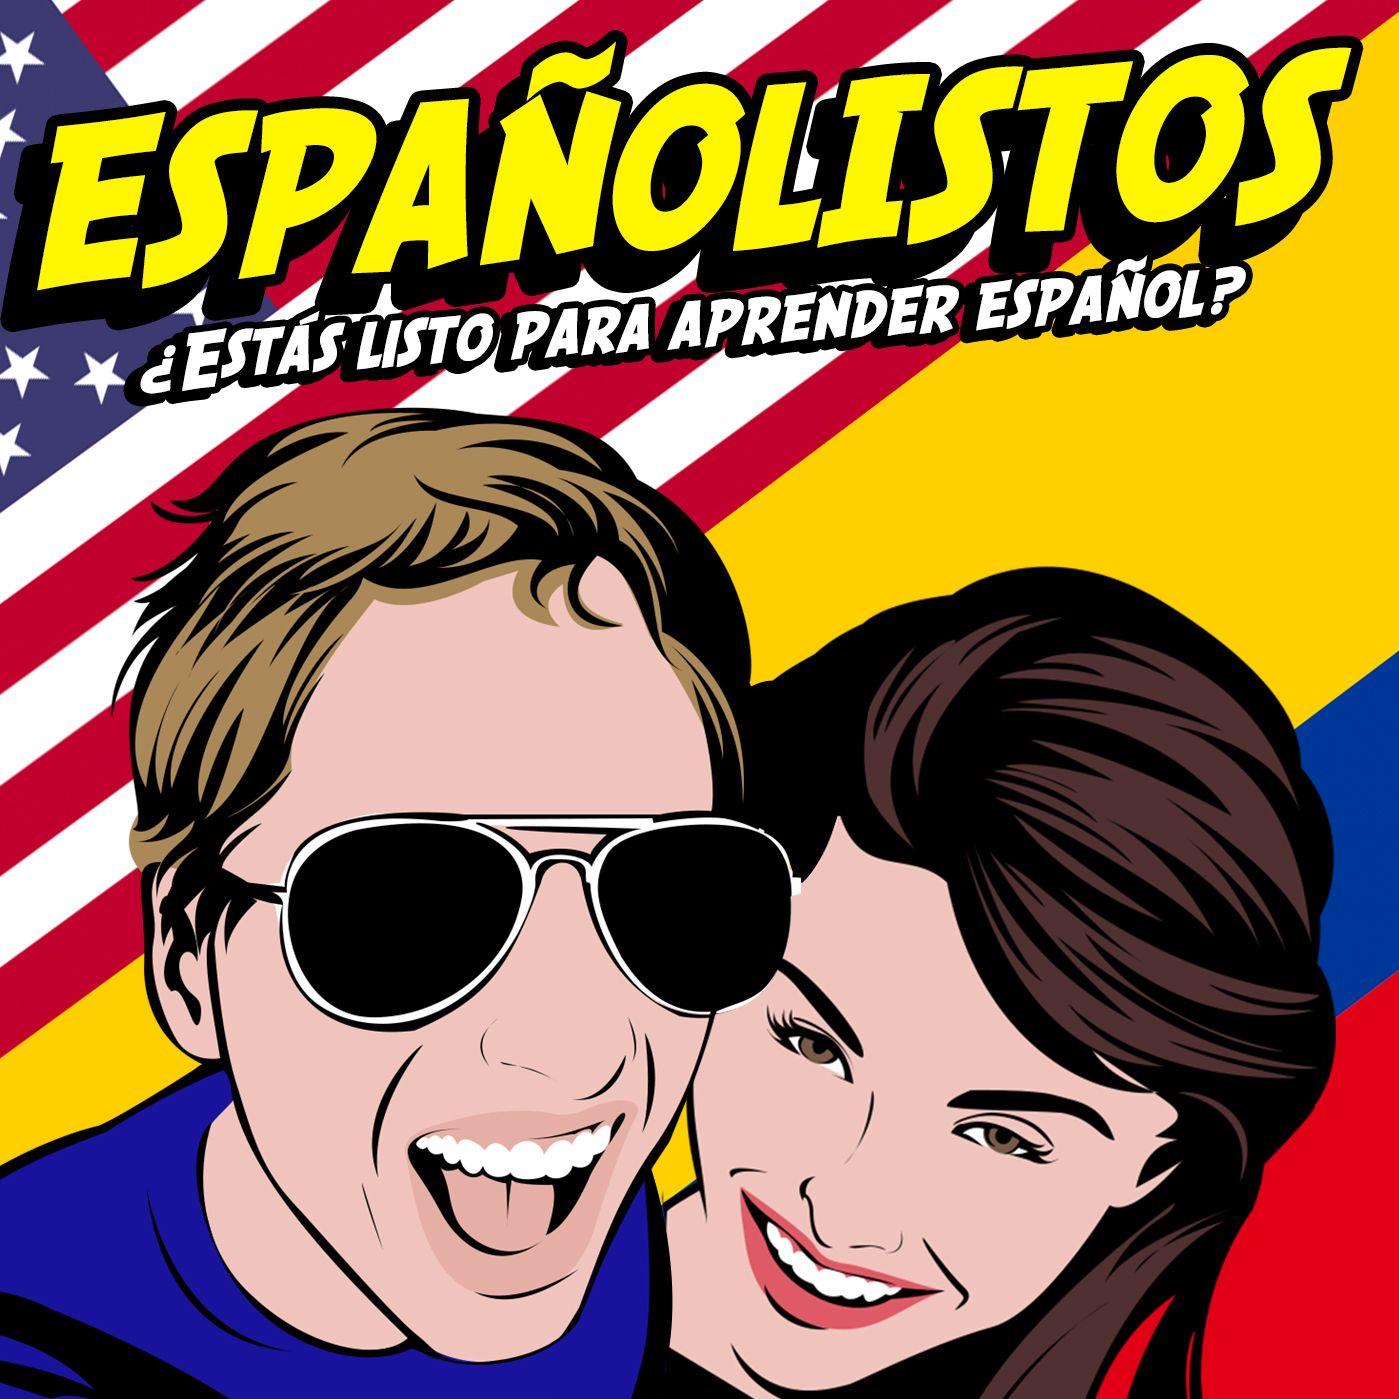 Episodio 076 - Entrevista Con Sebastián: ¿Cómo es Bogotá?